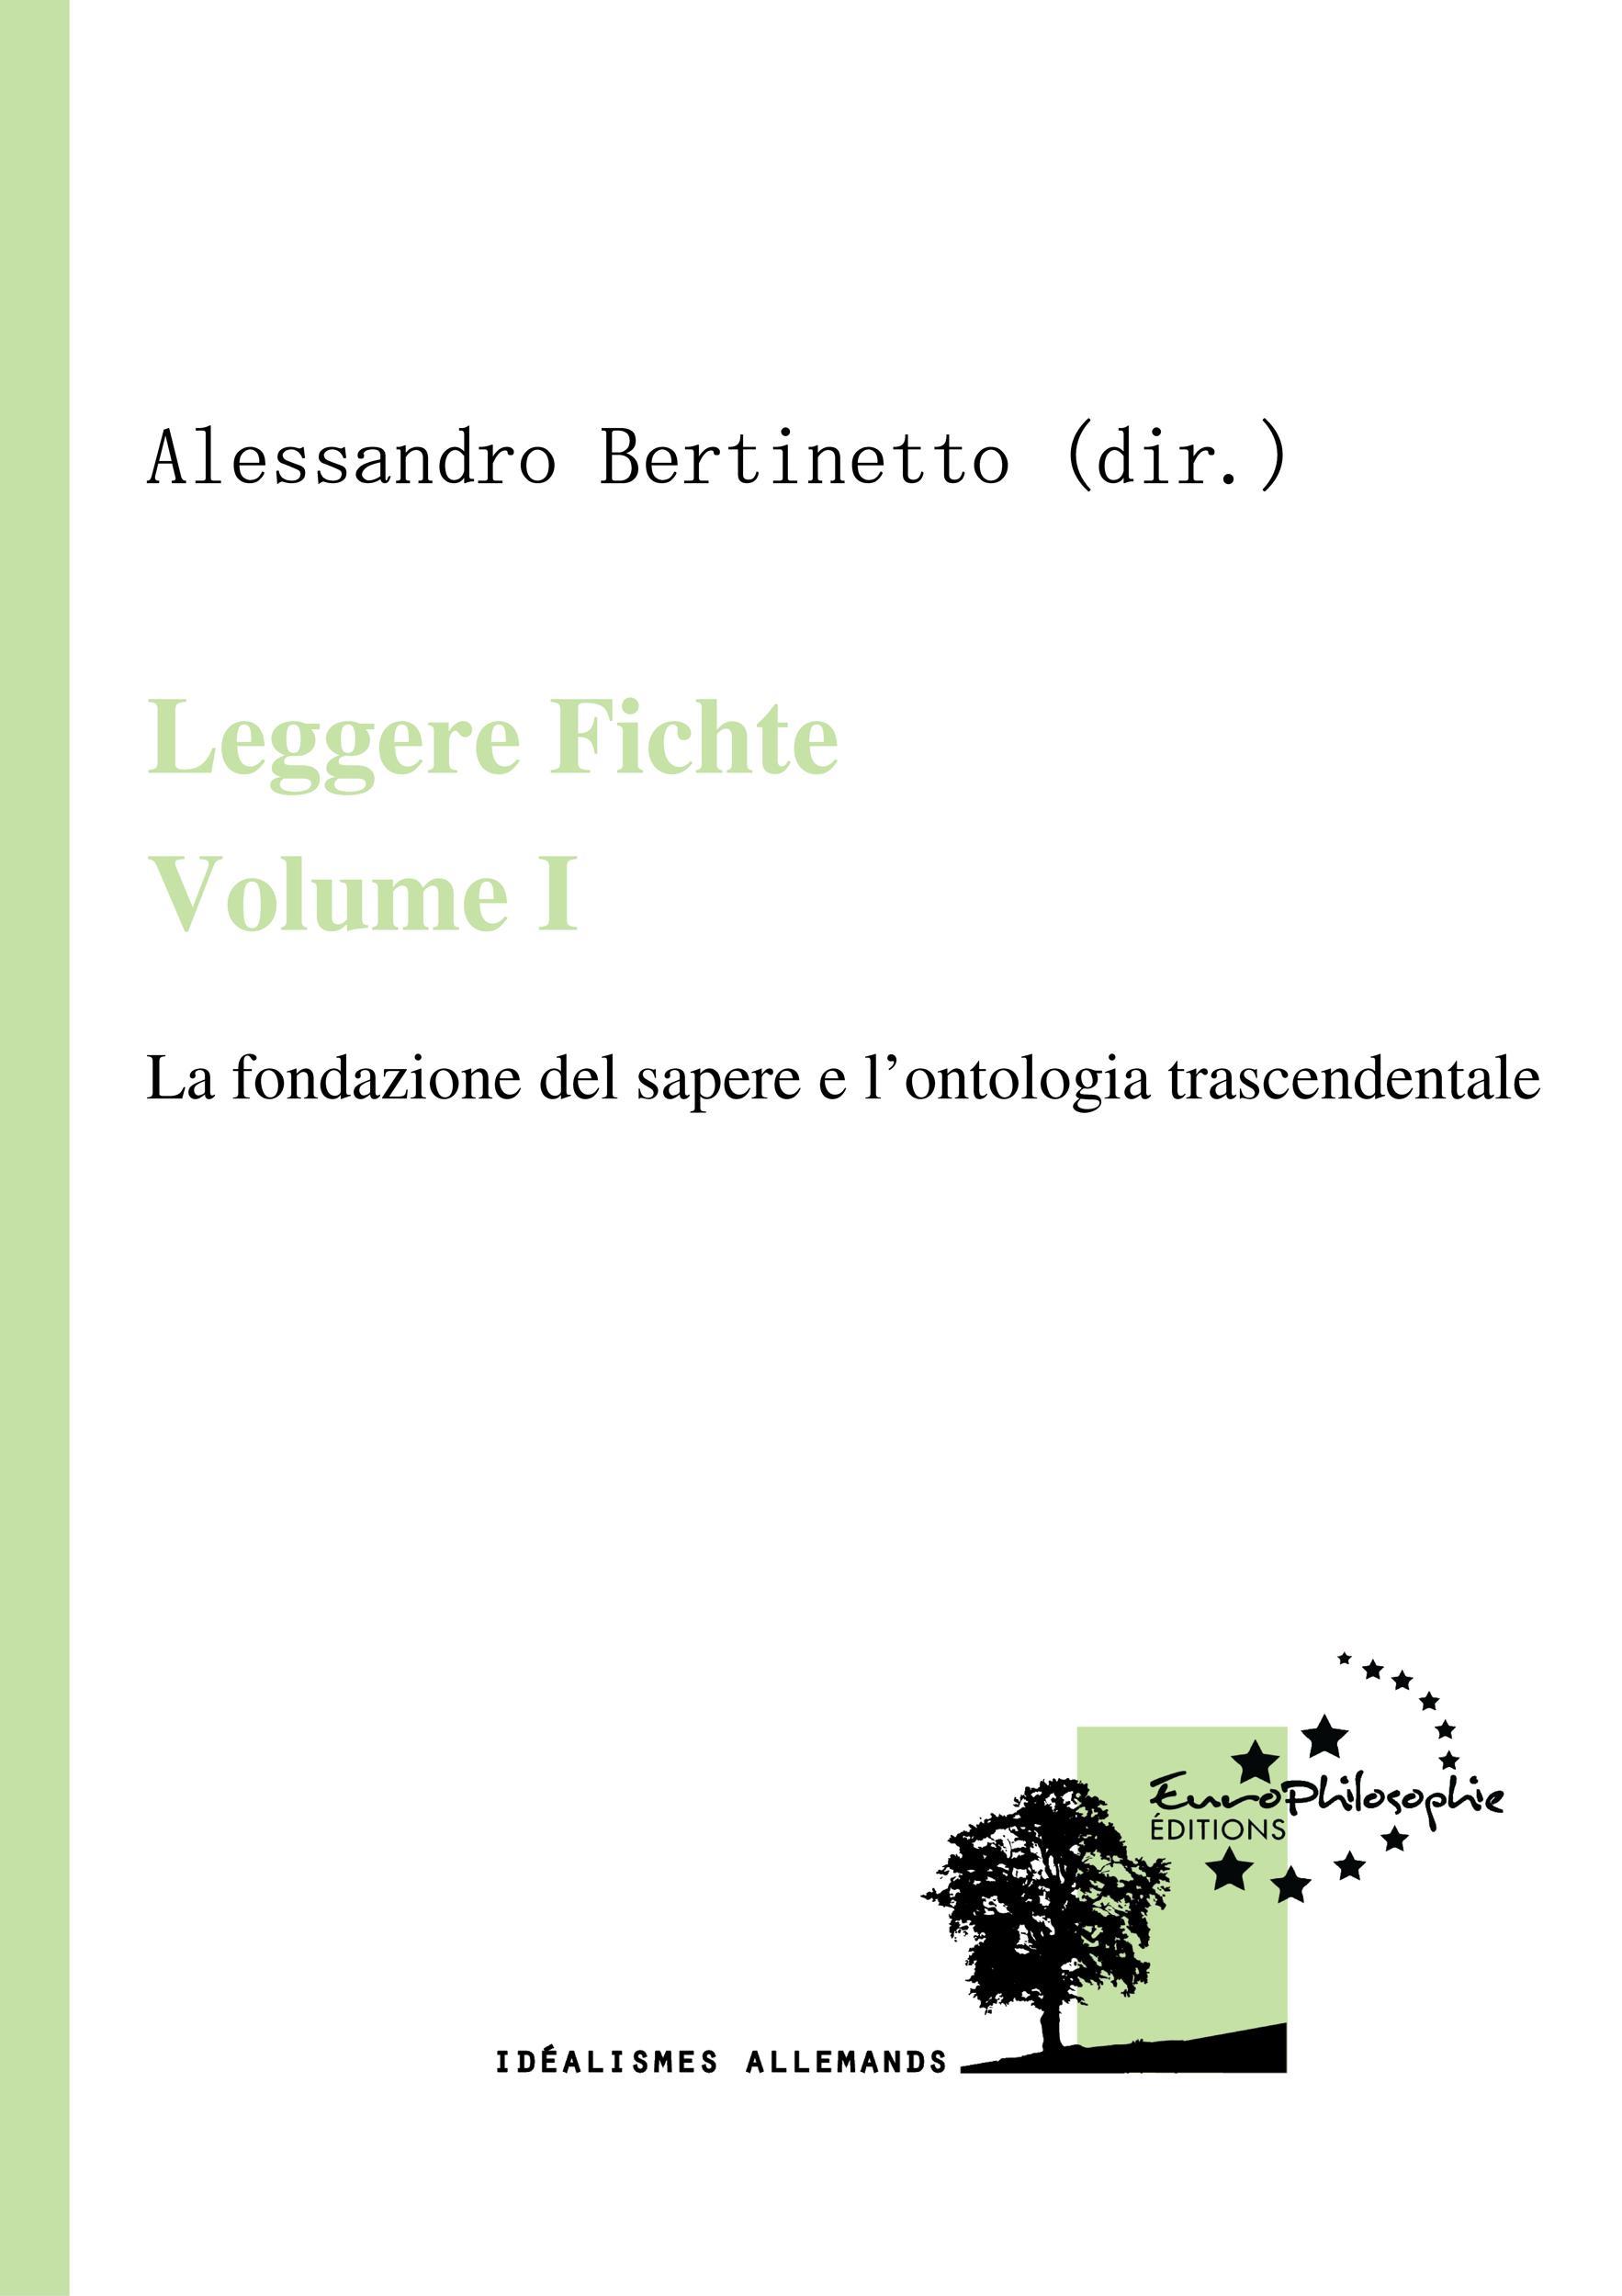 Leggere Fichte. Volume I, LA FONDAZIONE DEL SAPERE E L'ONTOLOGIA TRASCENDENTALE